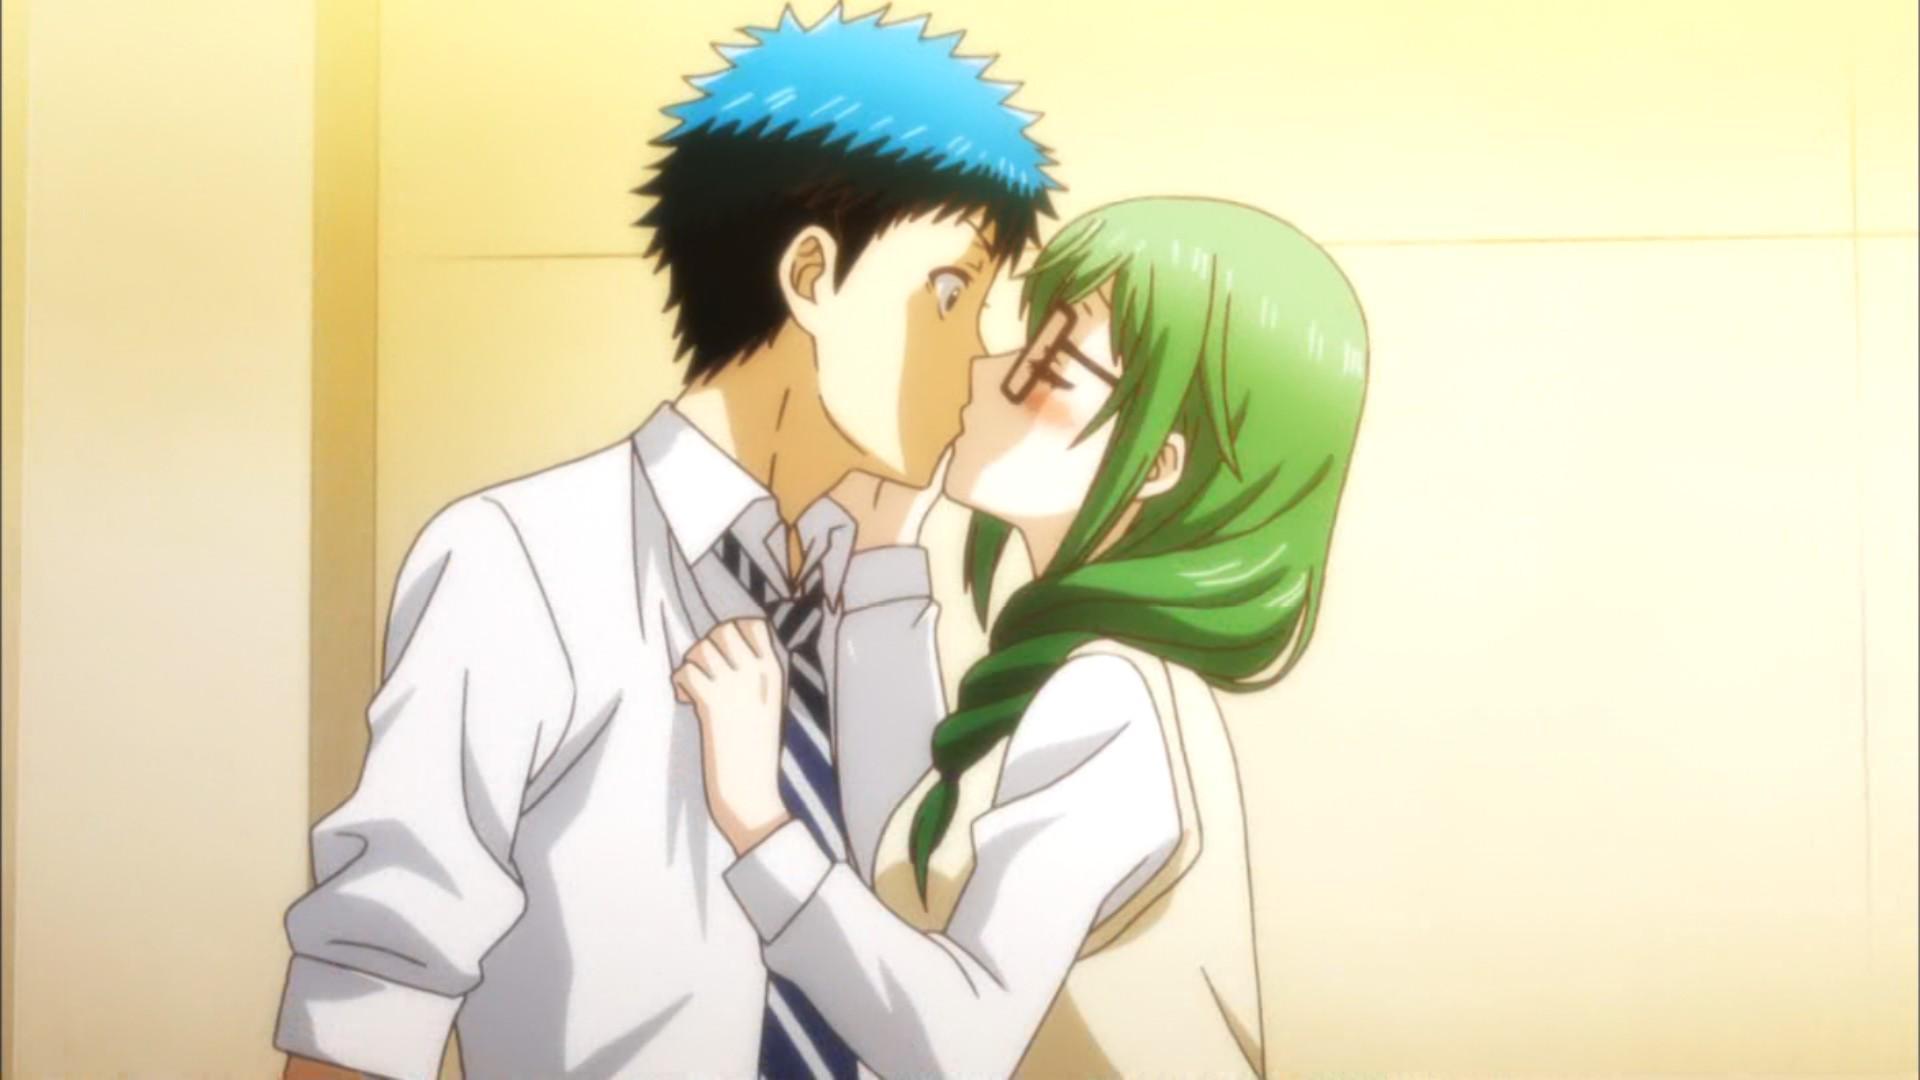 いきなりキスかよwwww #yamajo http://t.co/6iAP56libt